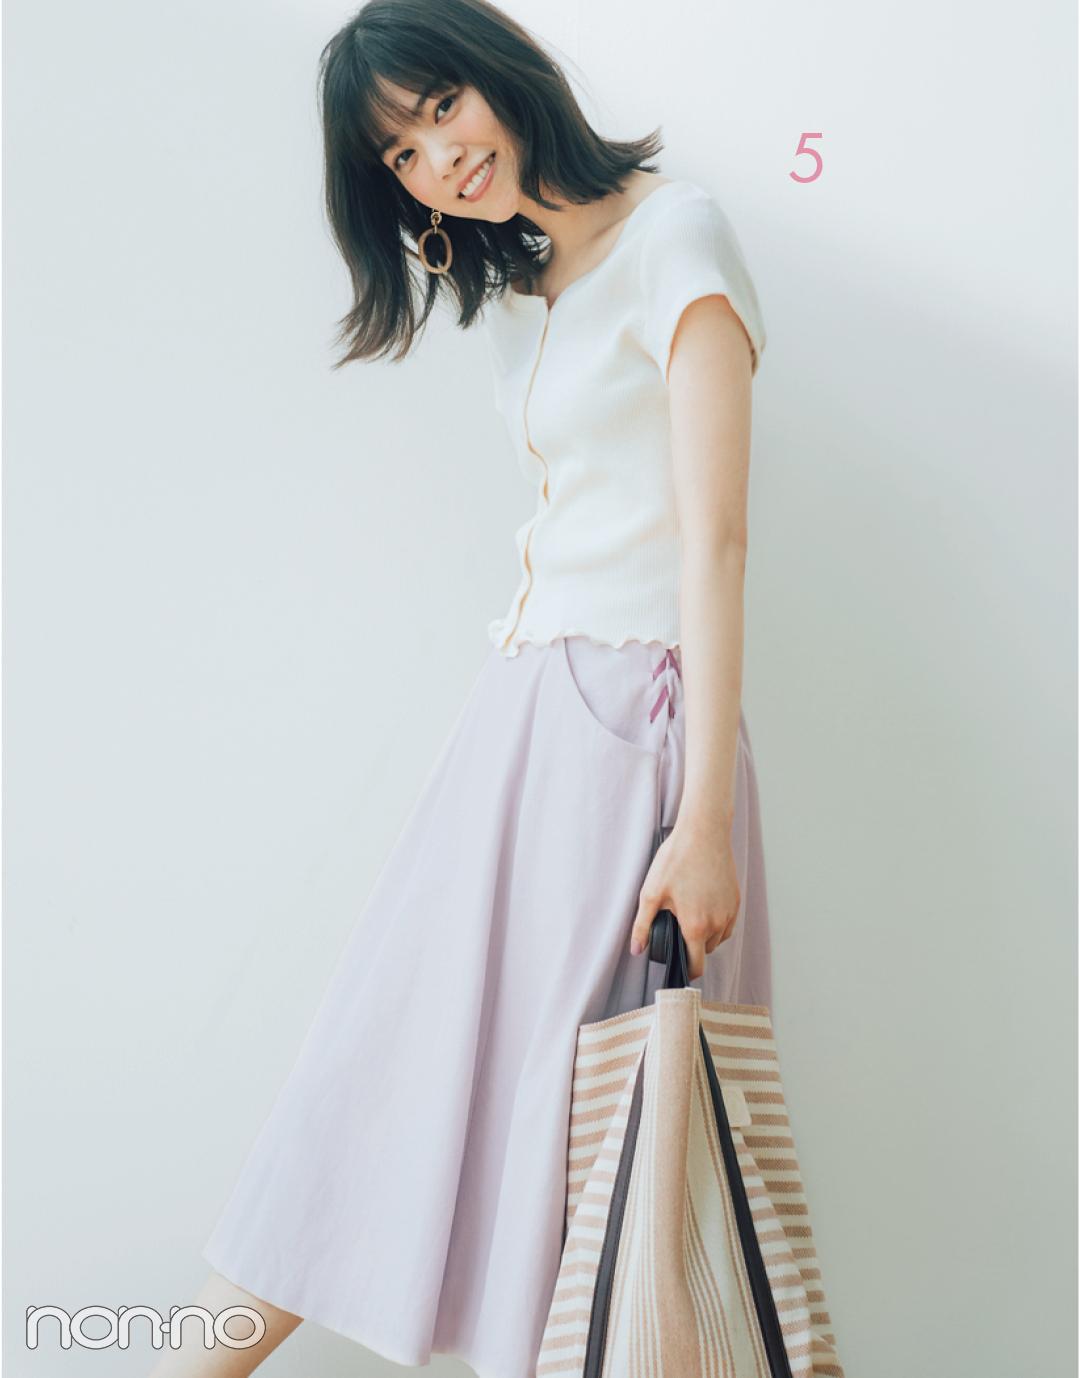 西野七瀬のセットアップで着回しコーデ1×7♡ 淡いピンクはきれいめ派に必須!_1_3-5